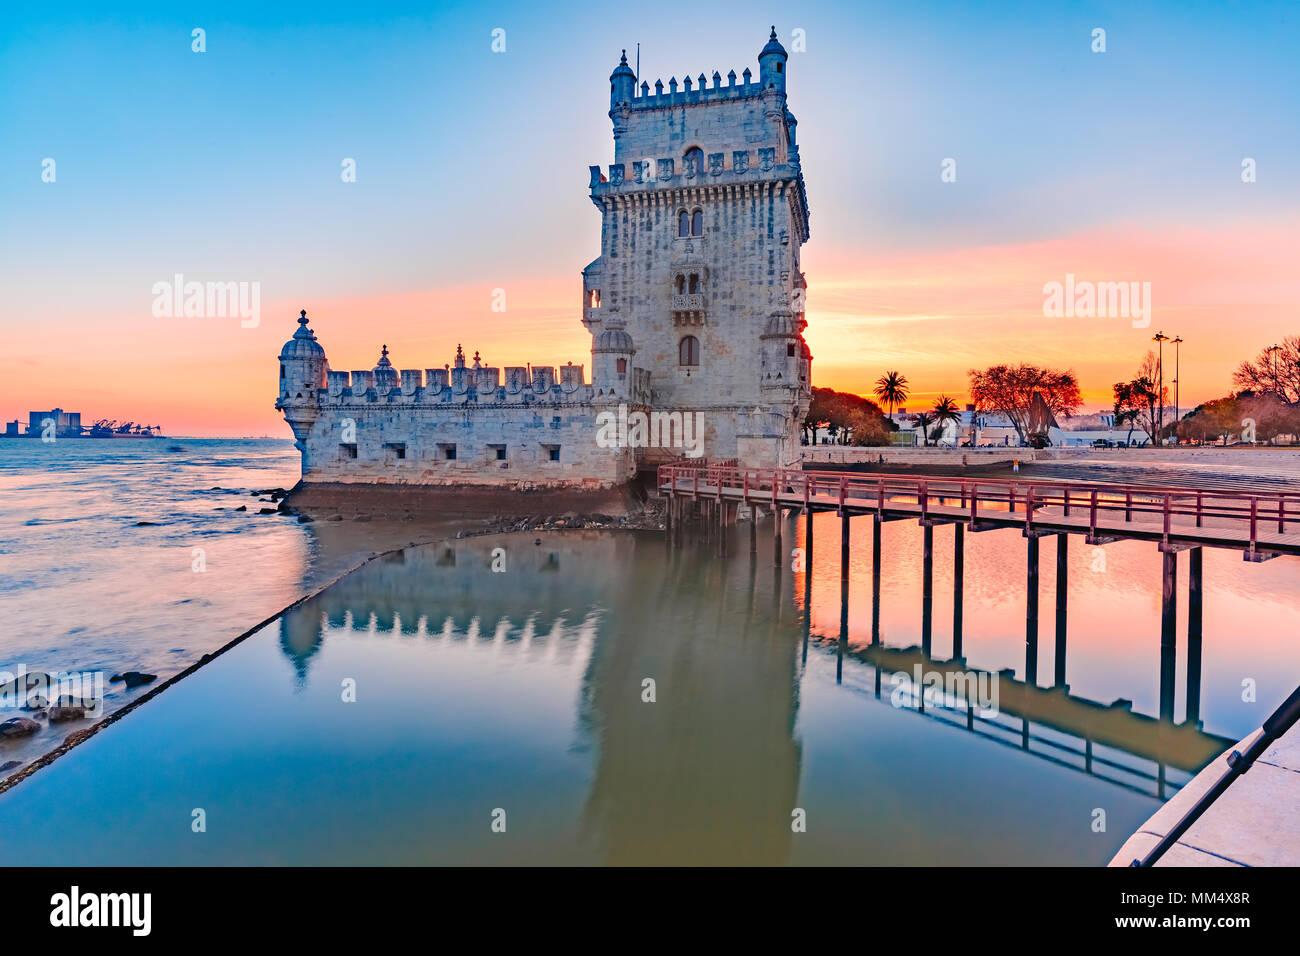 La Tour de Belém à Lisbonne, Portugal, au coucher du soleil Photo Stock